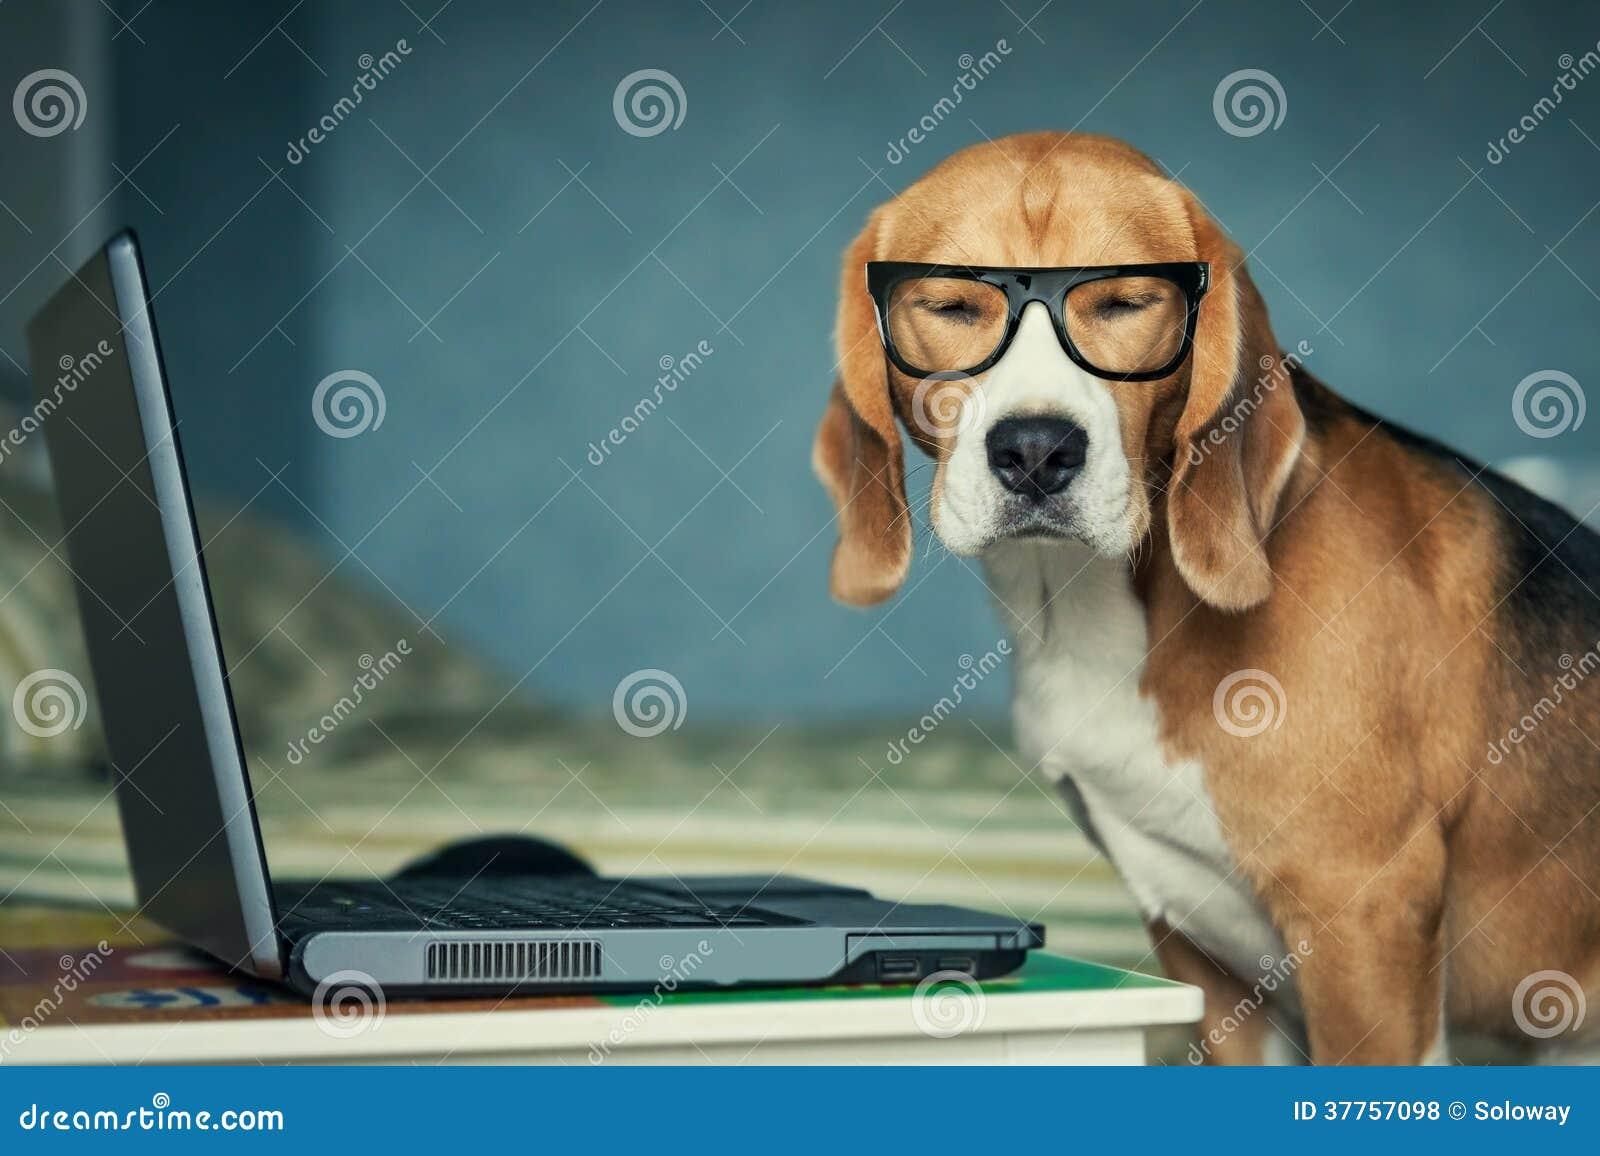 σκυλί στα αστεία γυαλιά κοντά στο lap-top